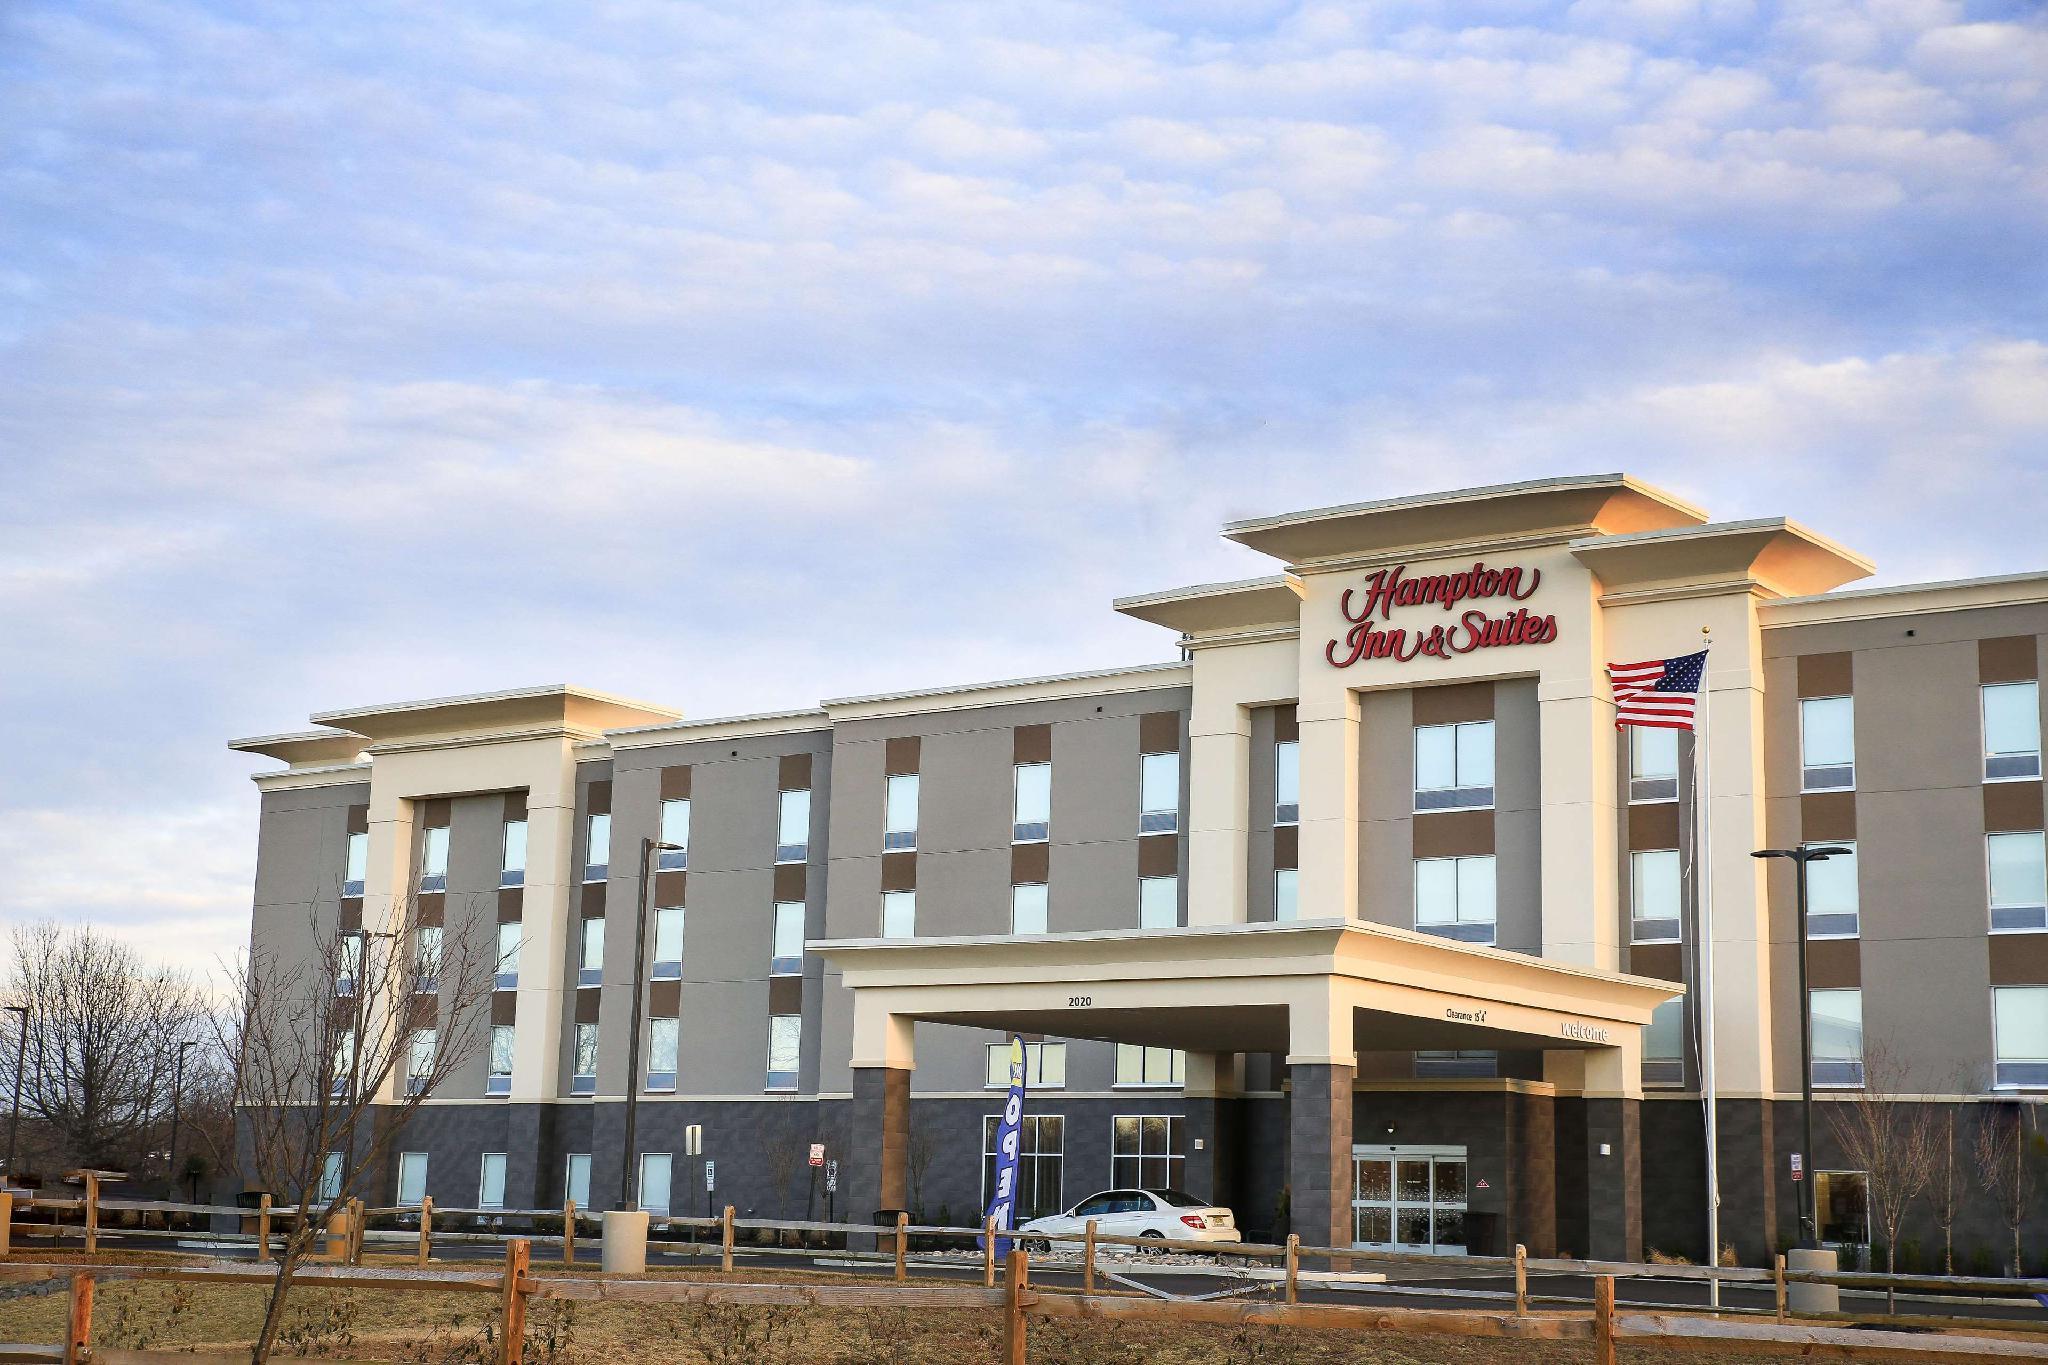 Hampton Inn And Suites Mount Laurel Moorestown